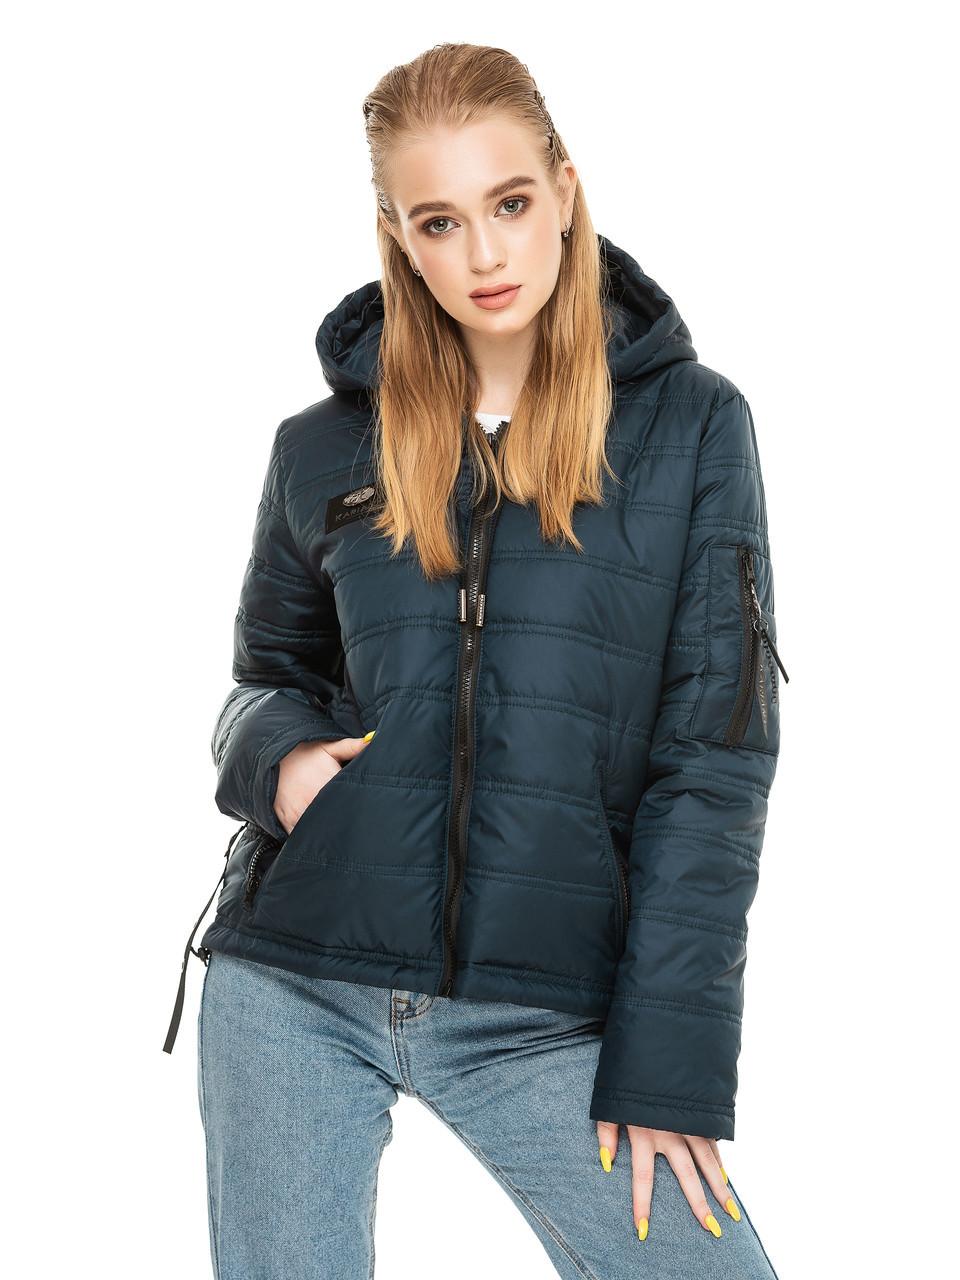 Куртка женская демисезонная размеры 48 50